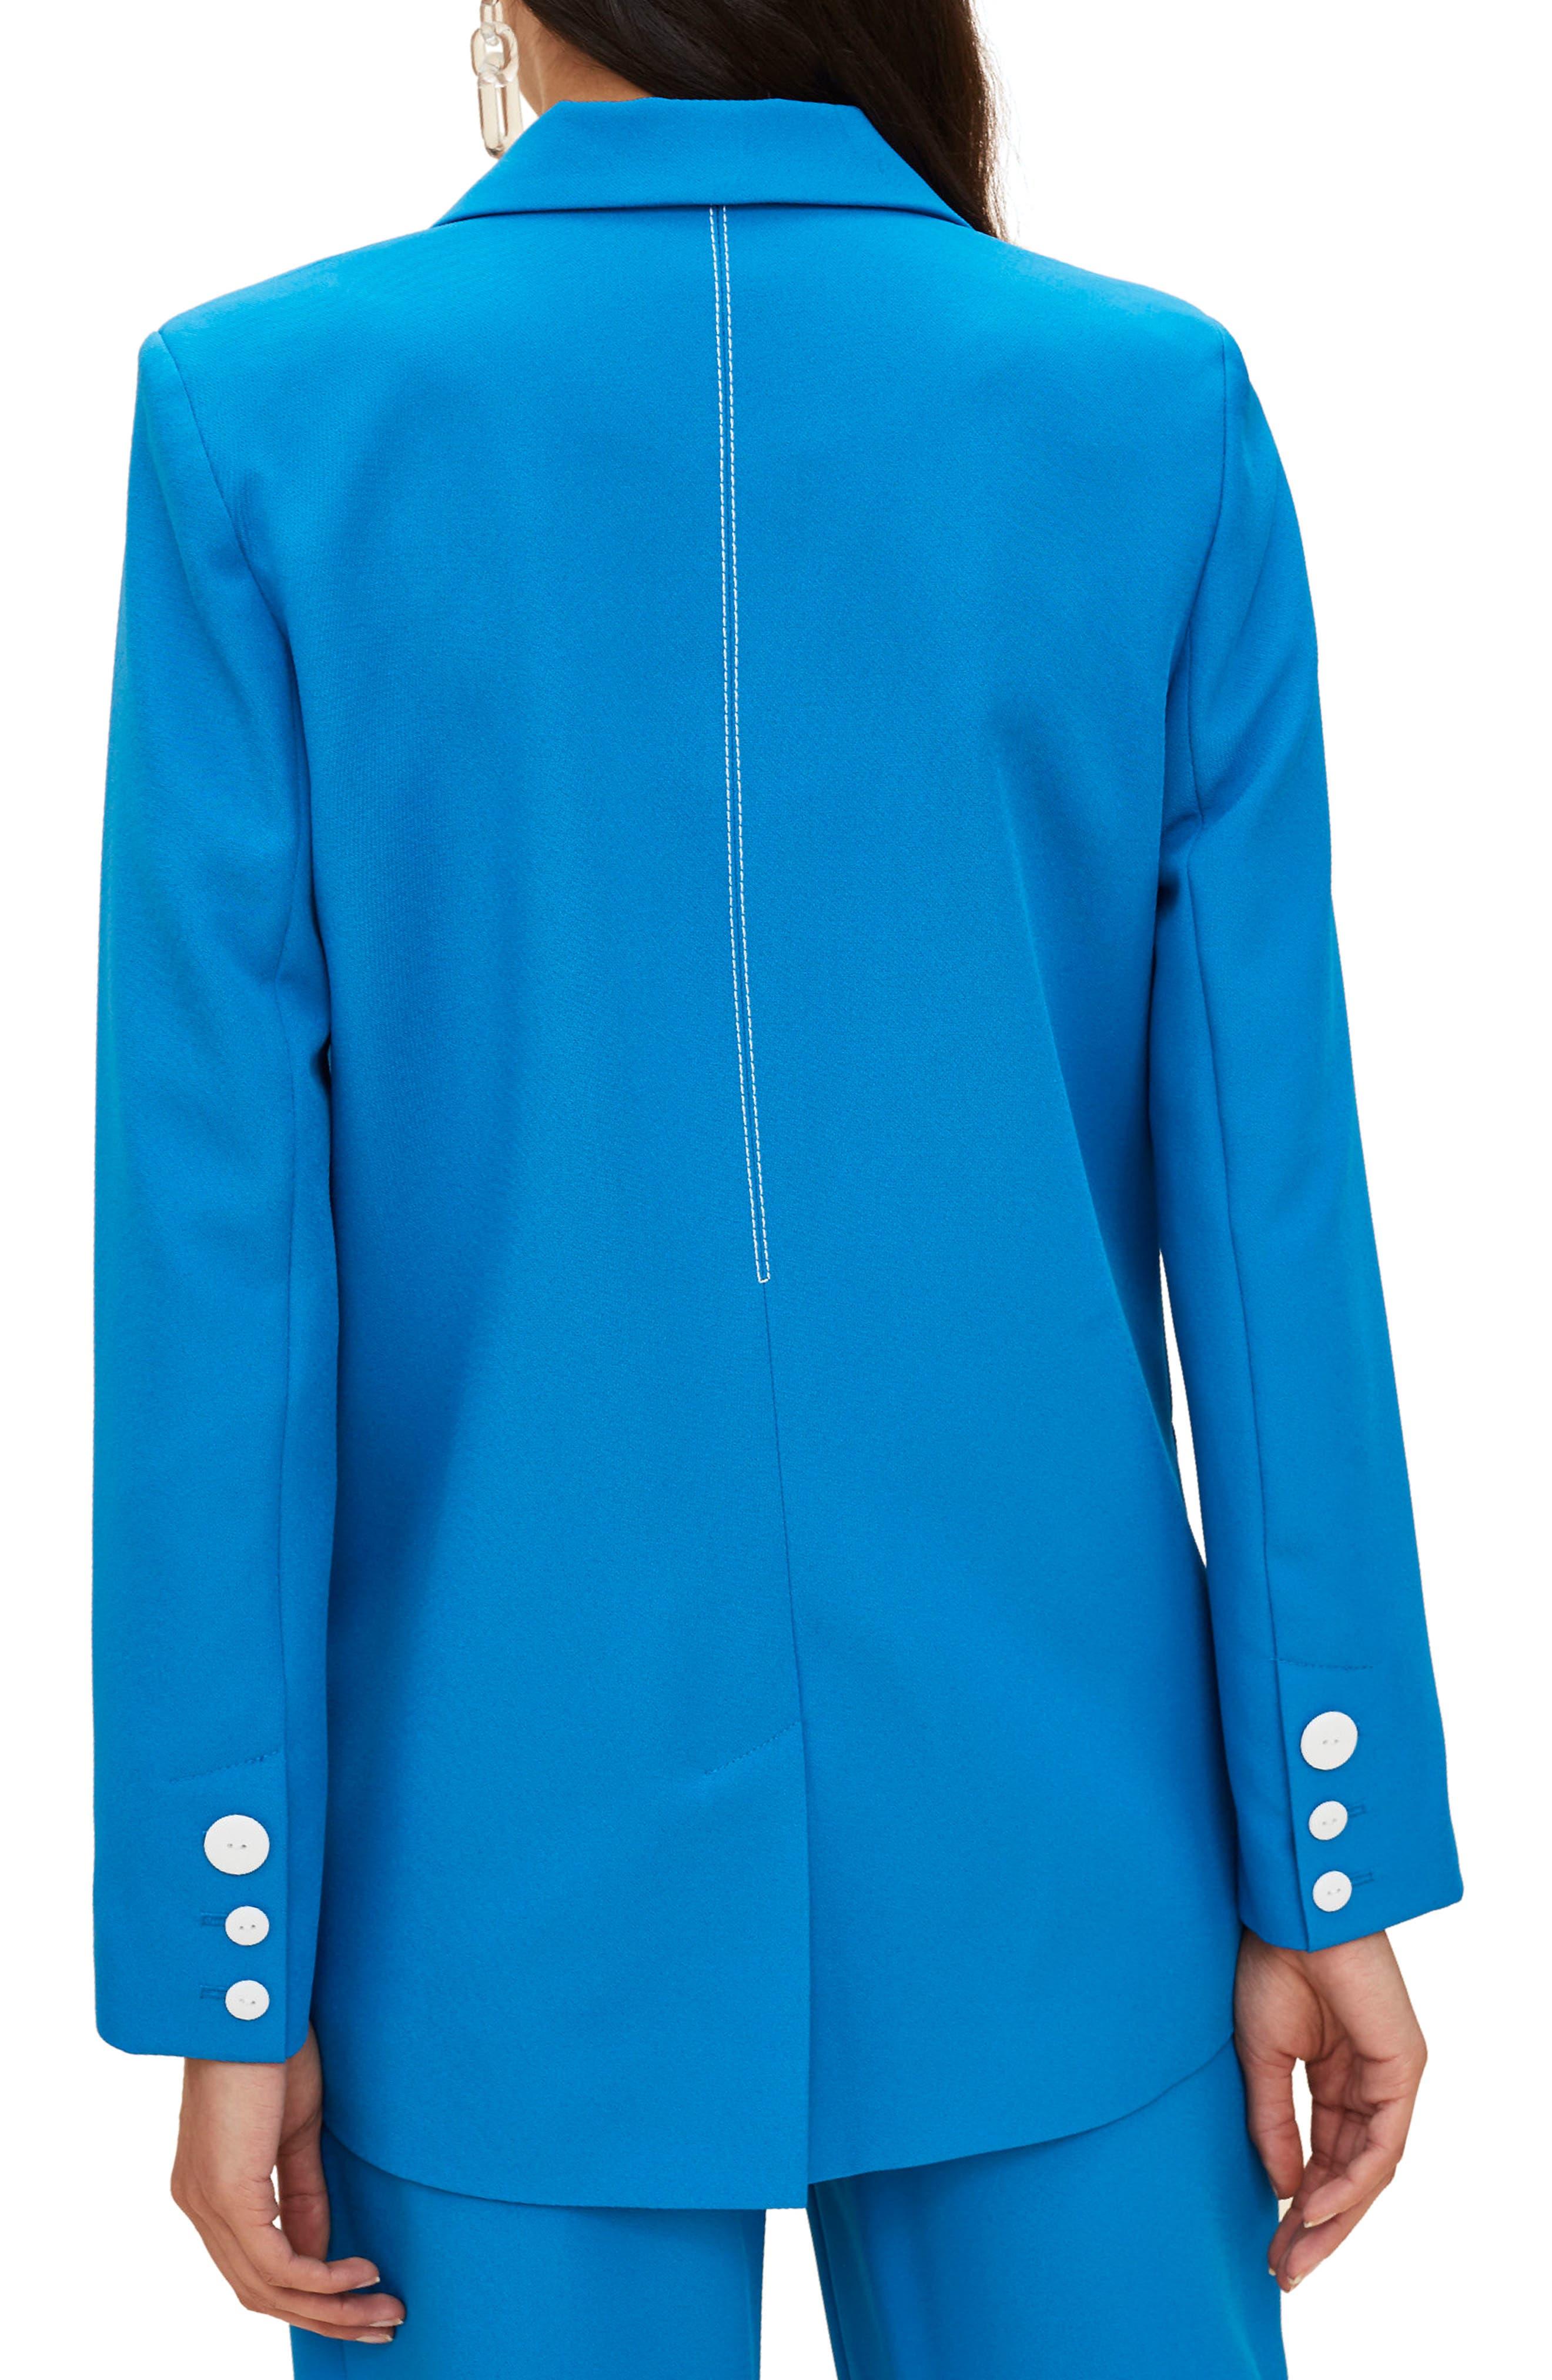 Azure Contrast Stitch Suit Jacket,                             Alternate thumbnail 2, color,                             Bright Blue